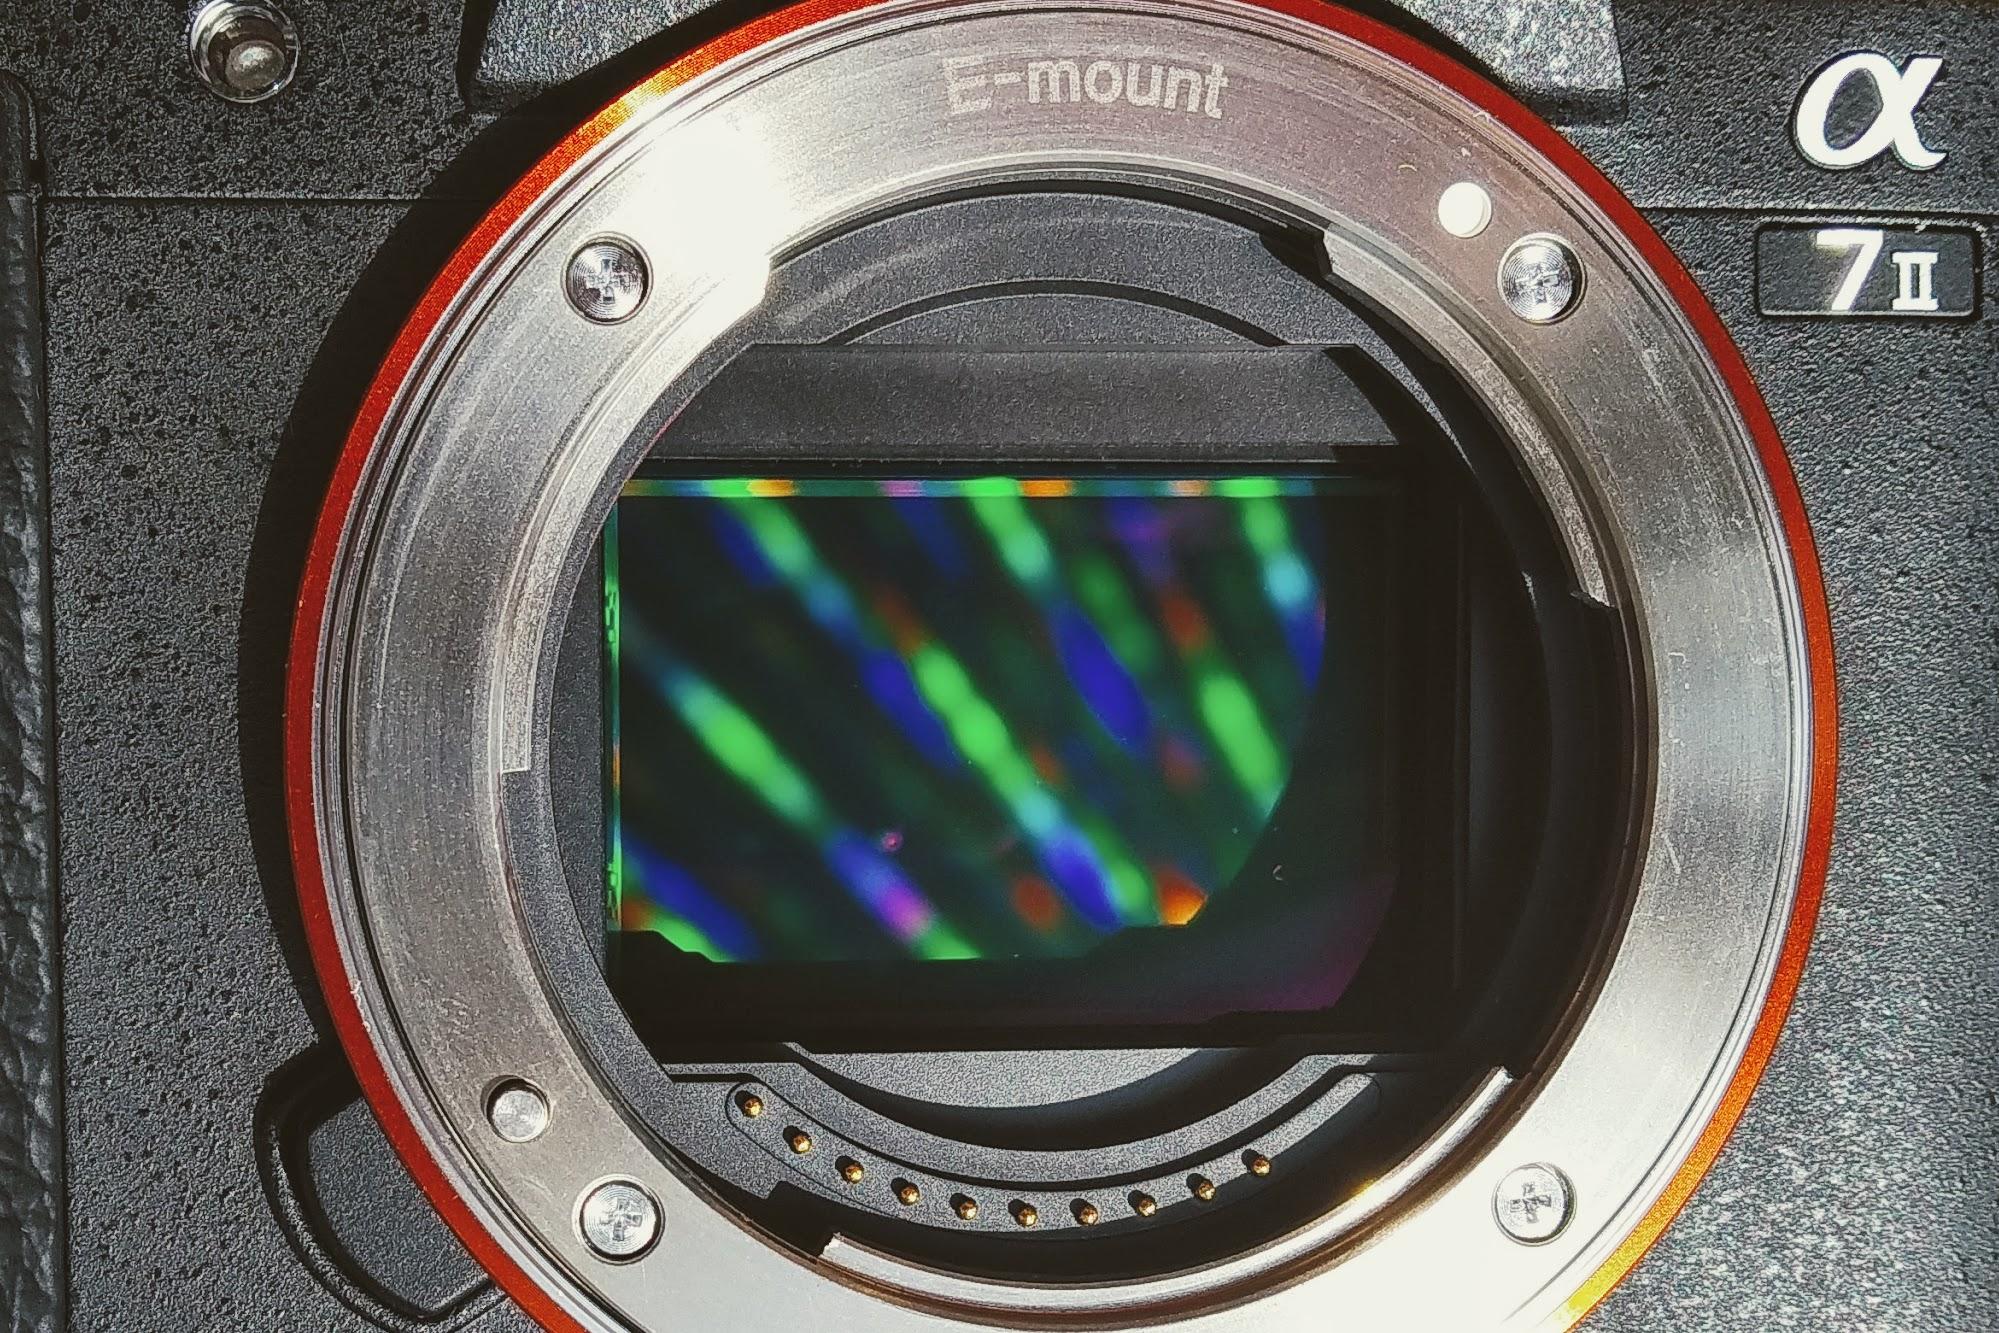 Full frame матриця 24*36мм